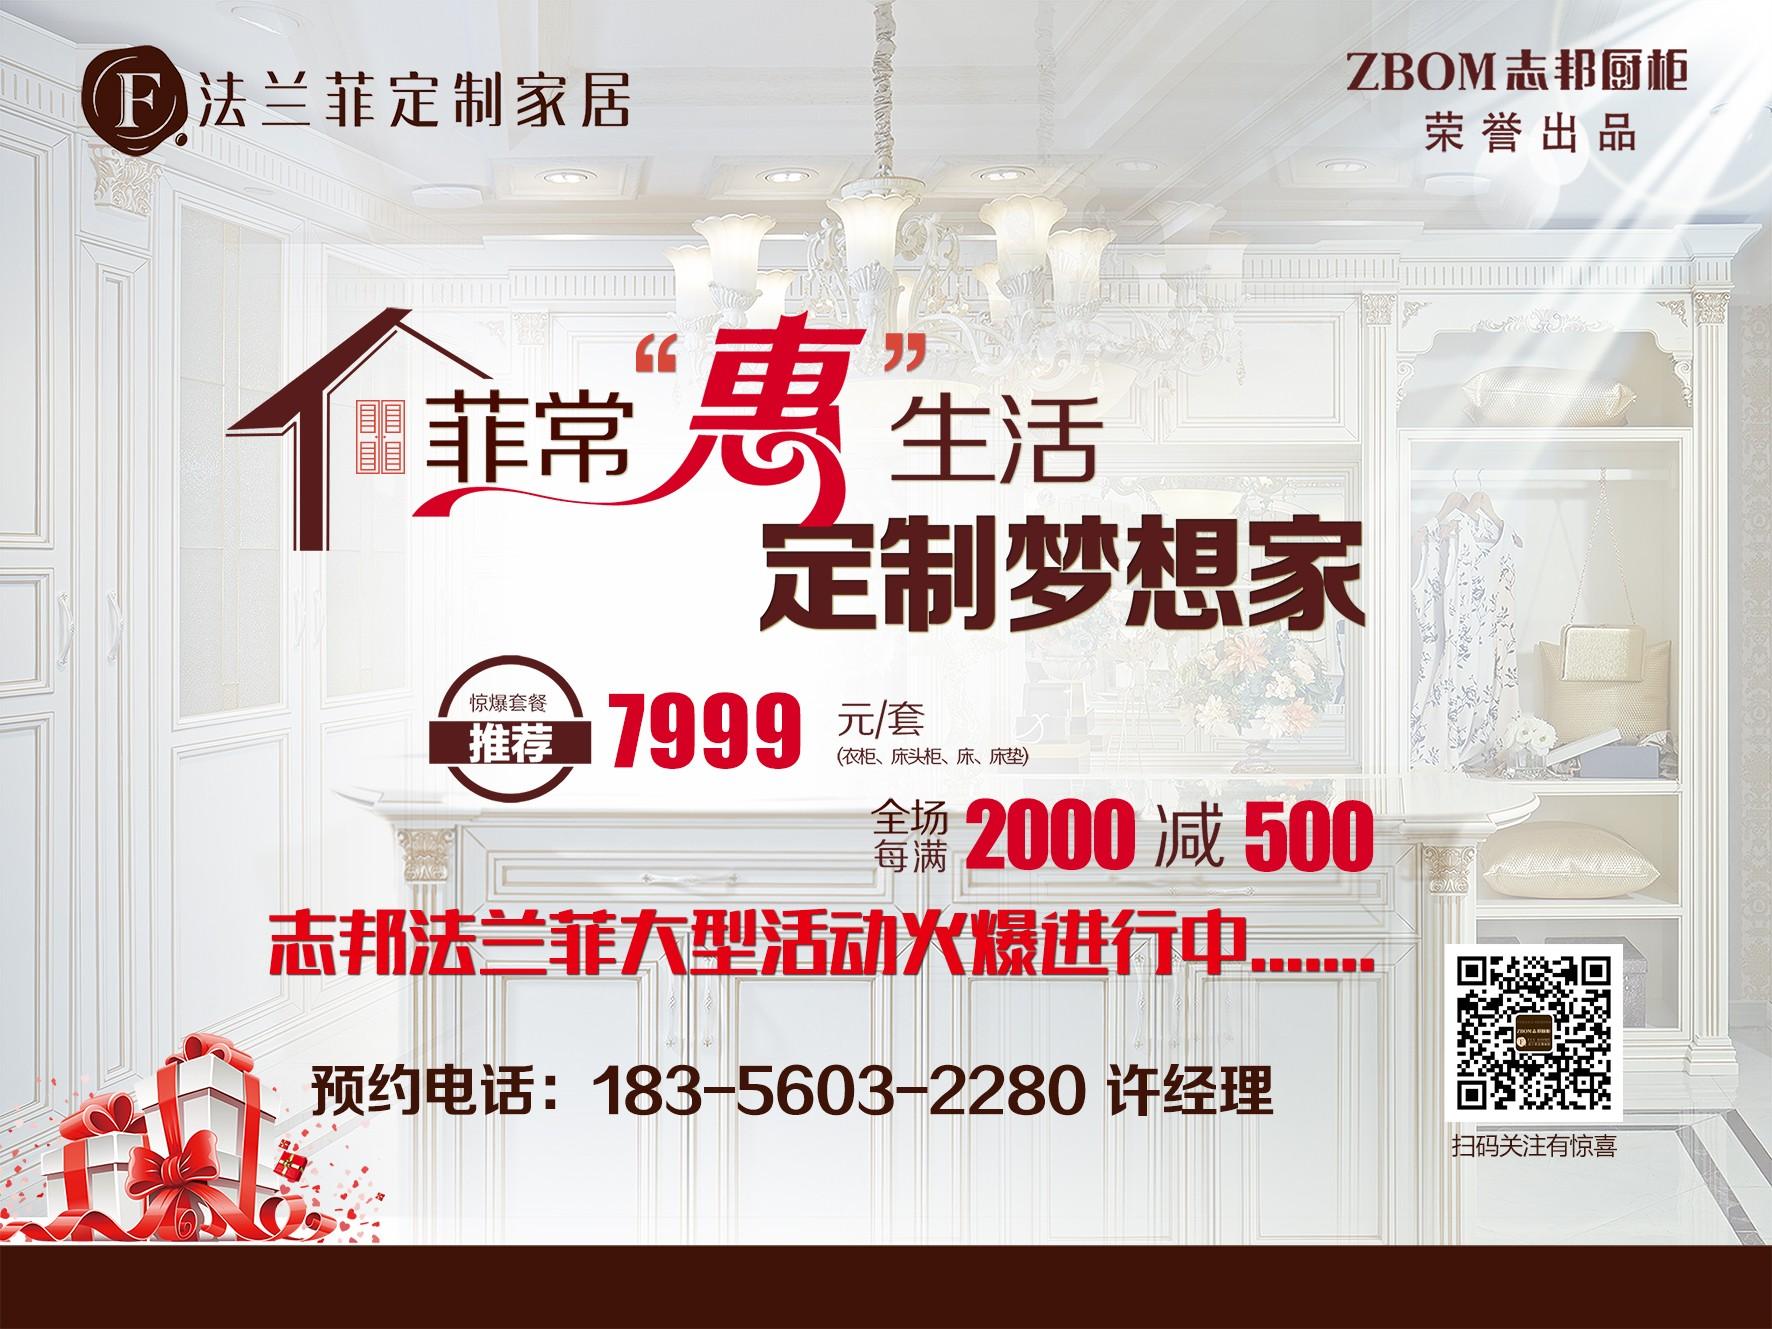 志邦厨柜&法兰菲衣柜 【惊爆套餐】震撼推出!